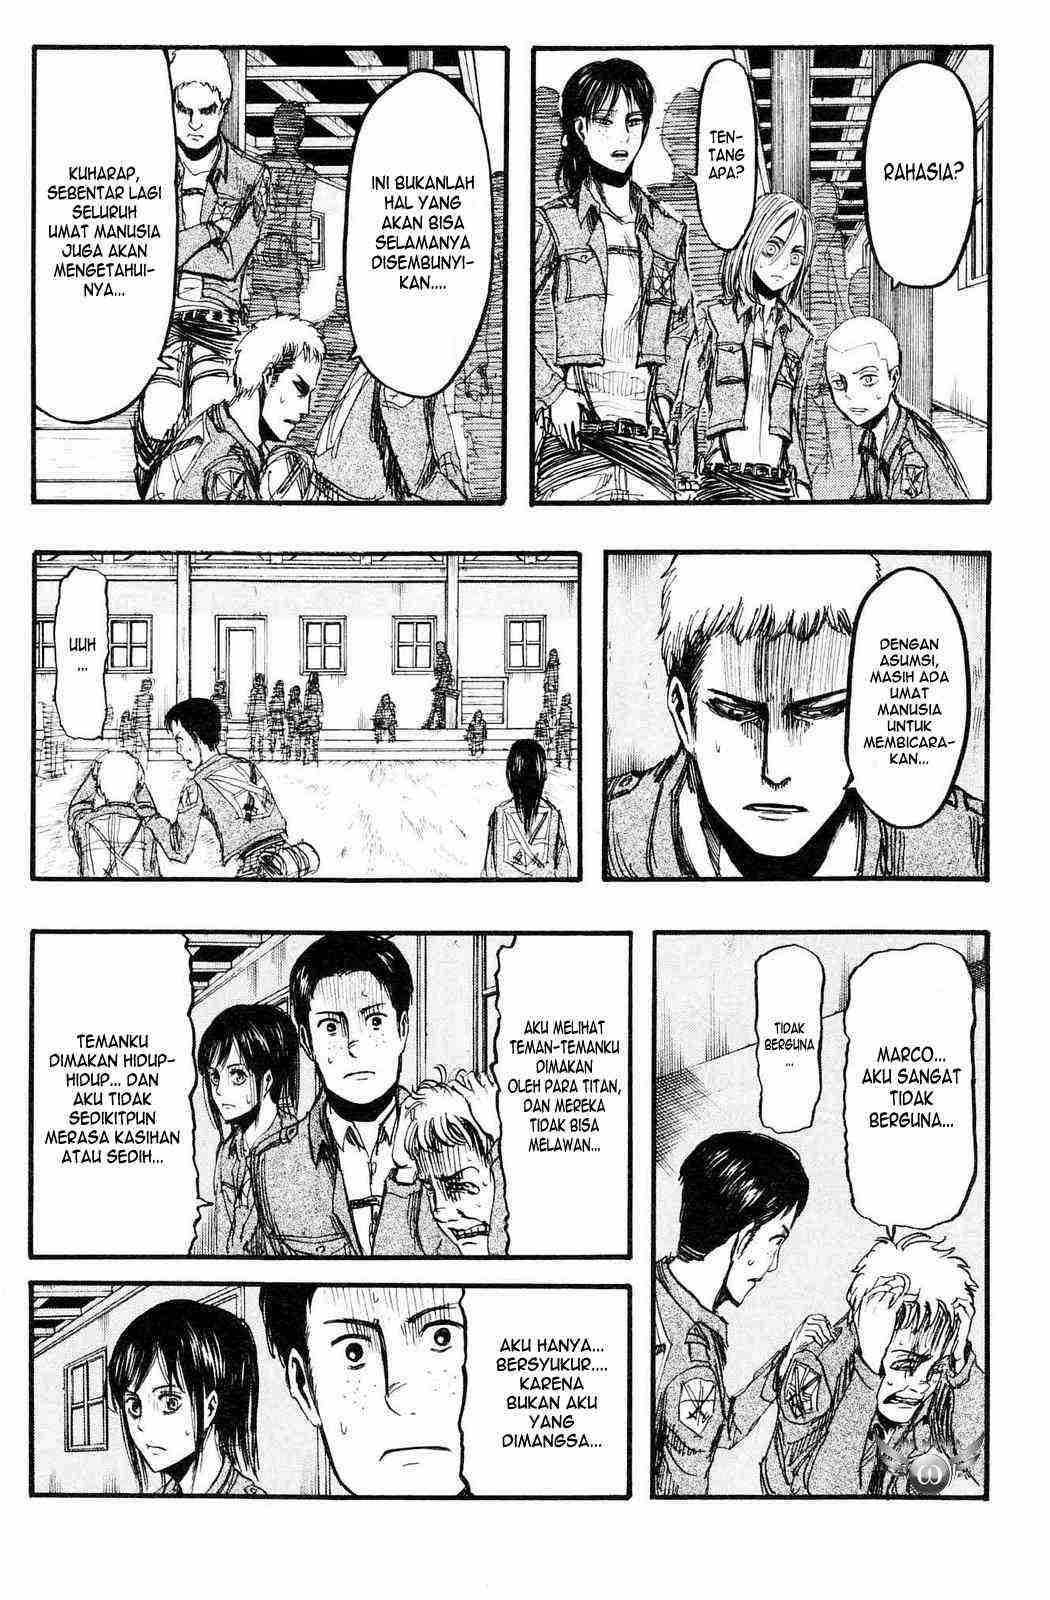 Komik shingeki no kyojin 011 12 Indonesia shingeki no kyojin 011 Terbaru 8 Baca Manga Komik Indonesia 